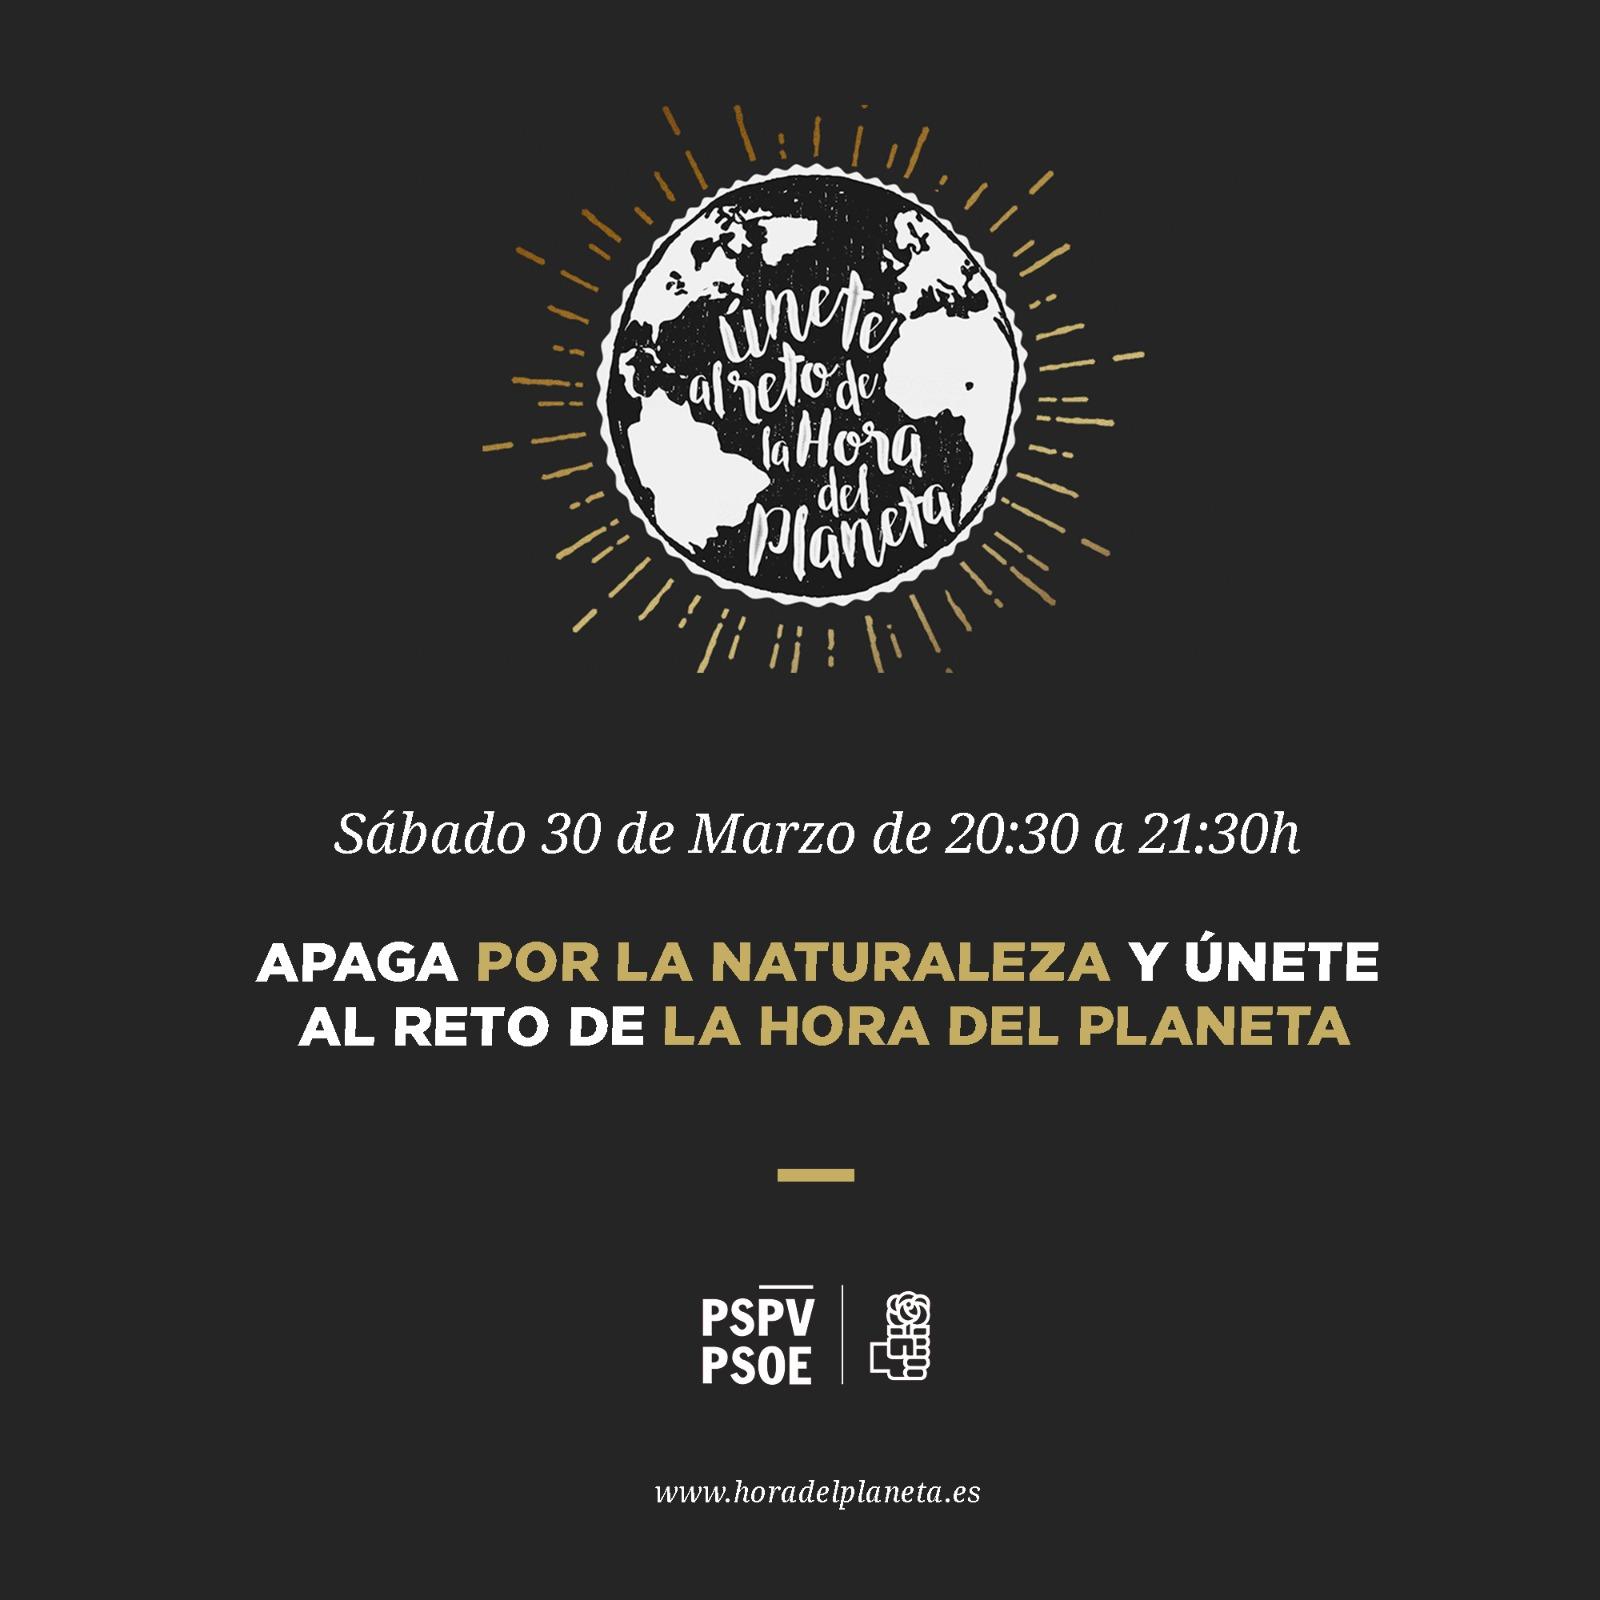 El PSPV-PSOE fa una crida per a unir-se a l'hora del planeta i lluitar contra el canvi climàtic